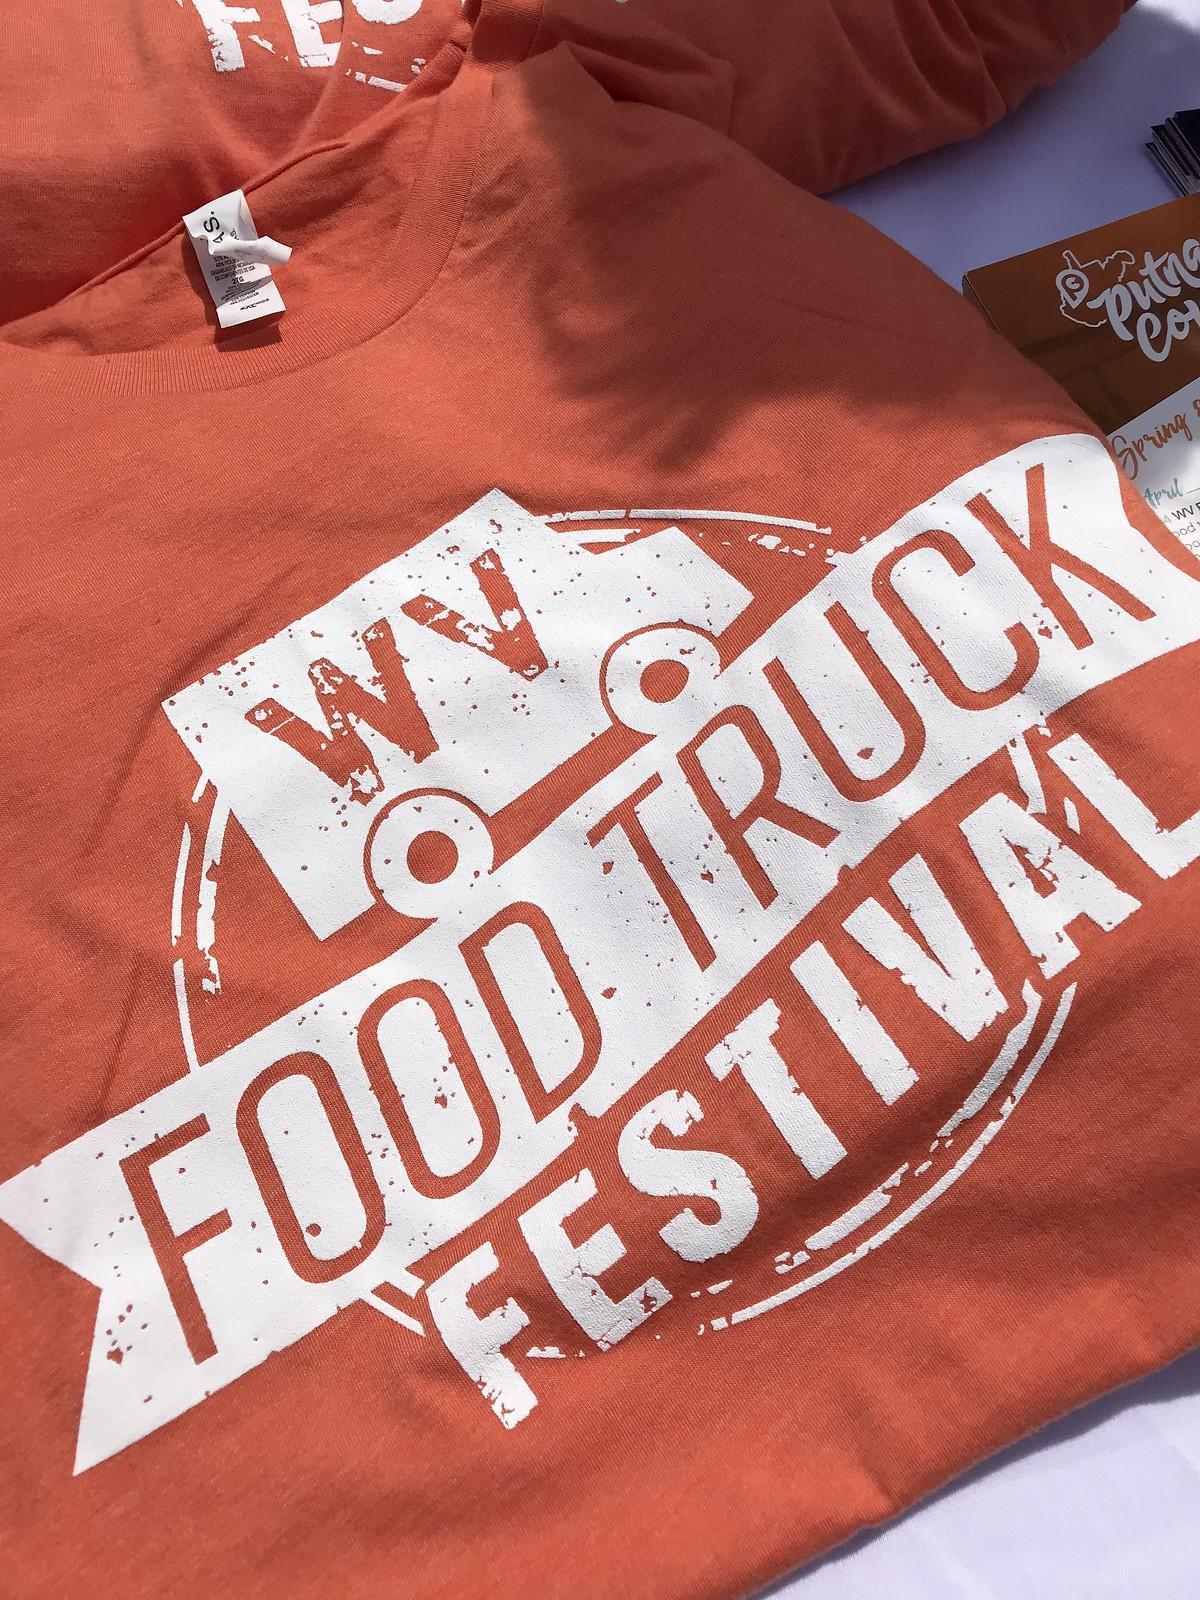 Wv food truck festival